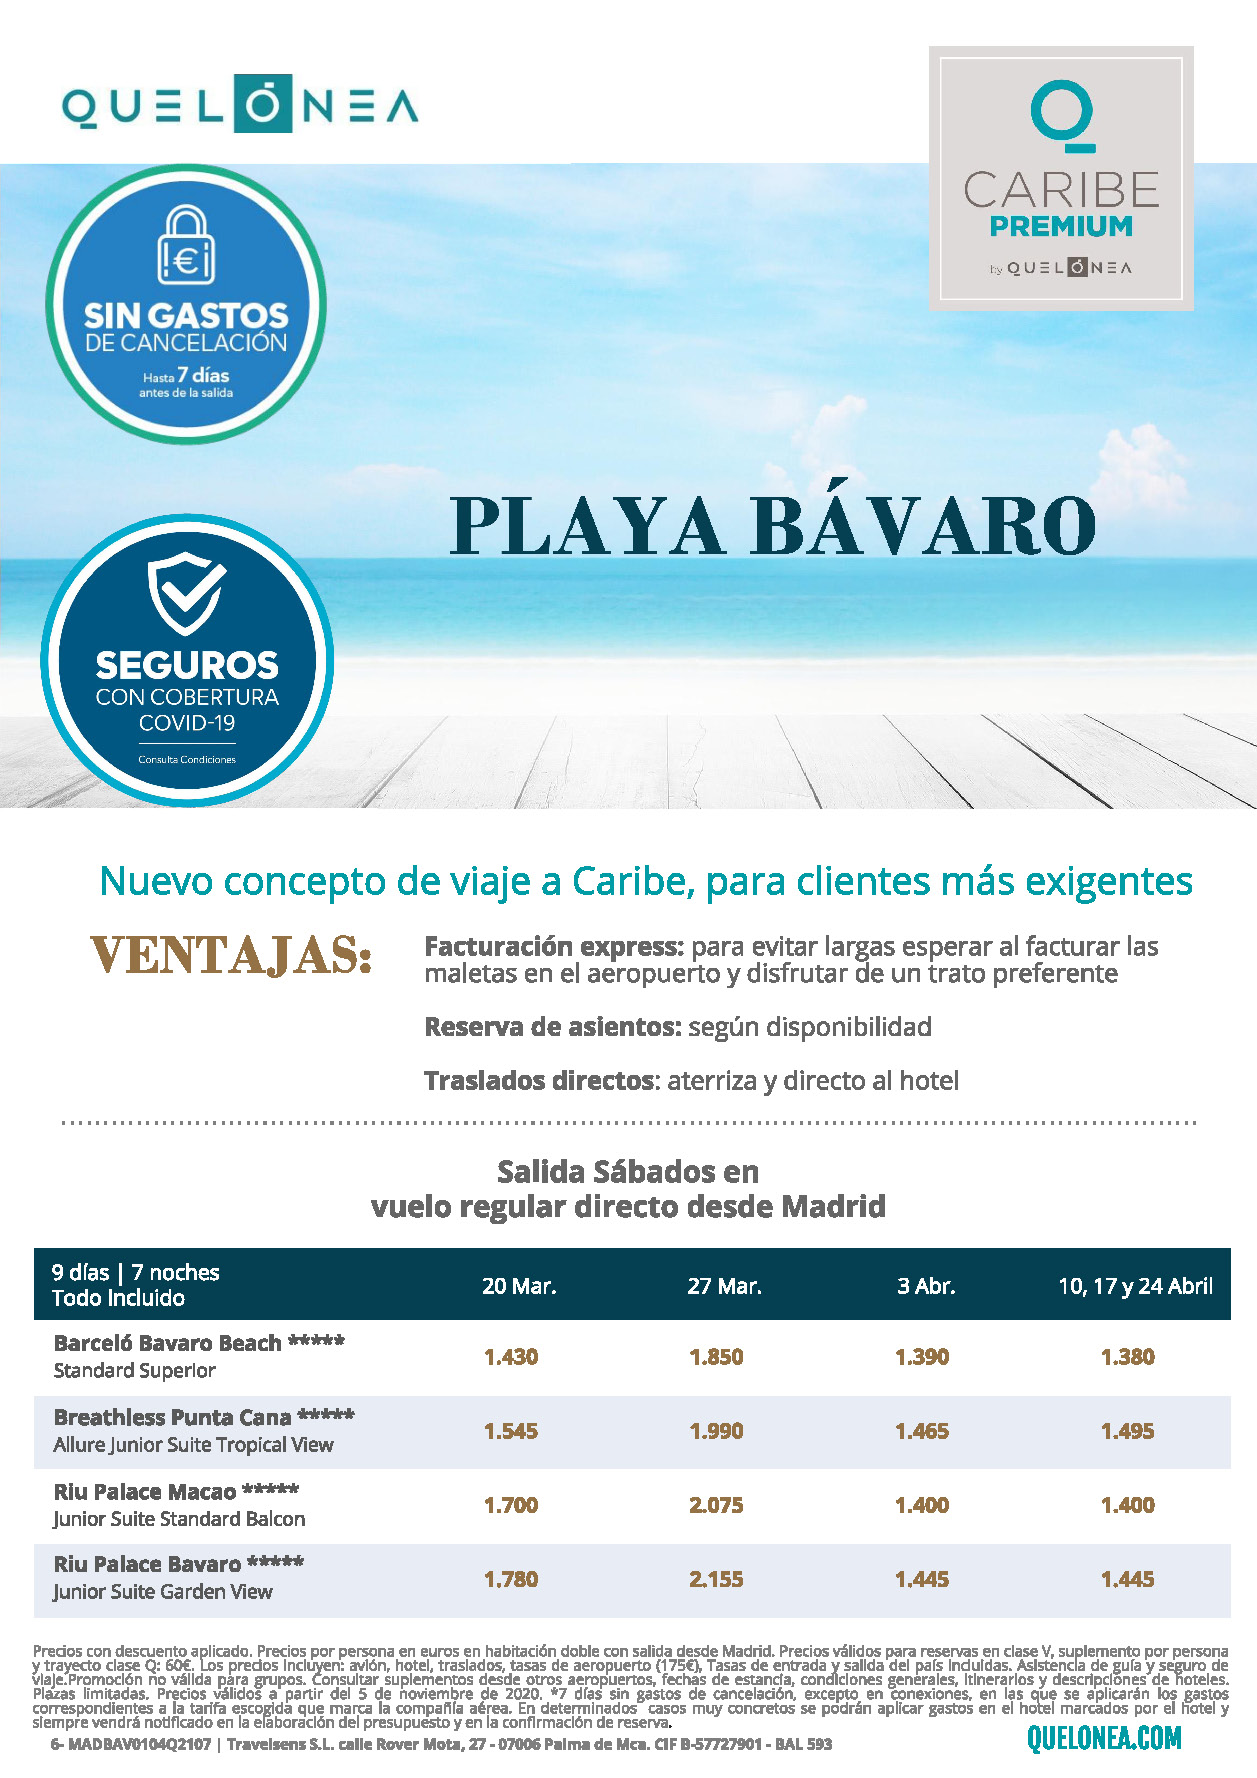 Ofertas Quelonea Caribe Premium Republica Dominicana Playa Bavaro Enero a Abril 2021 vuelo directo desde Madrid